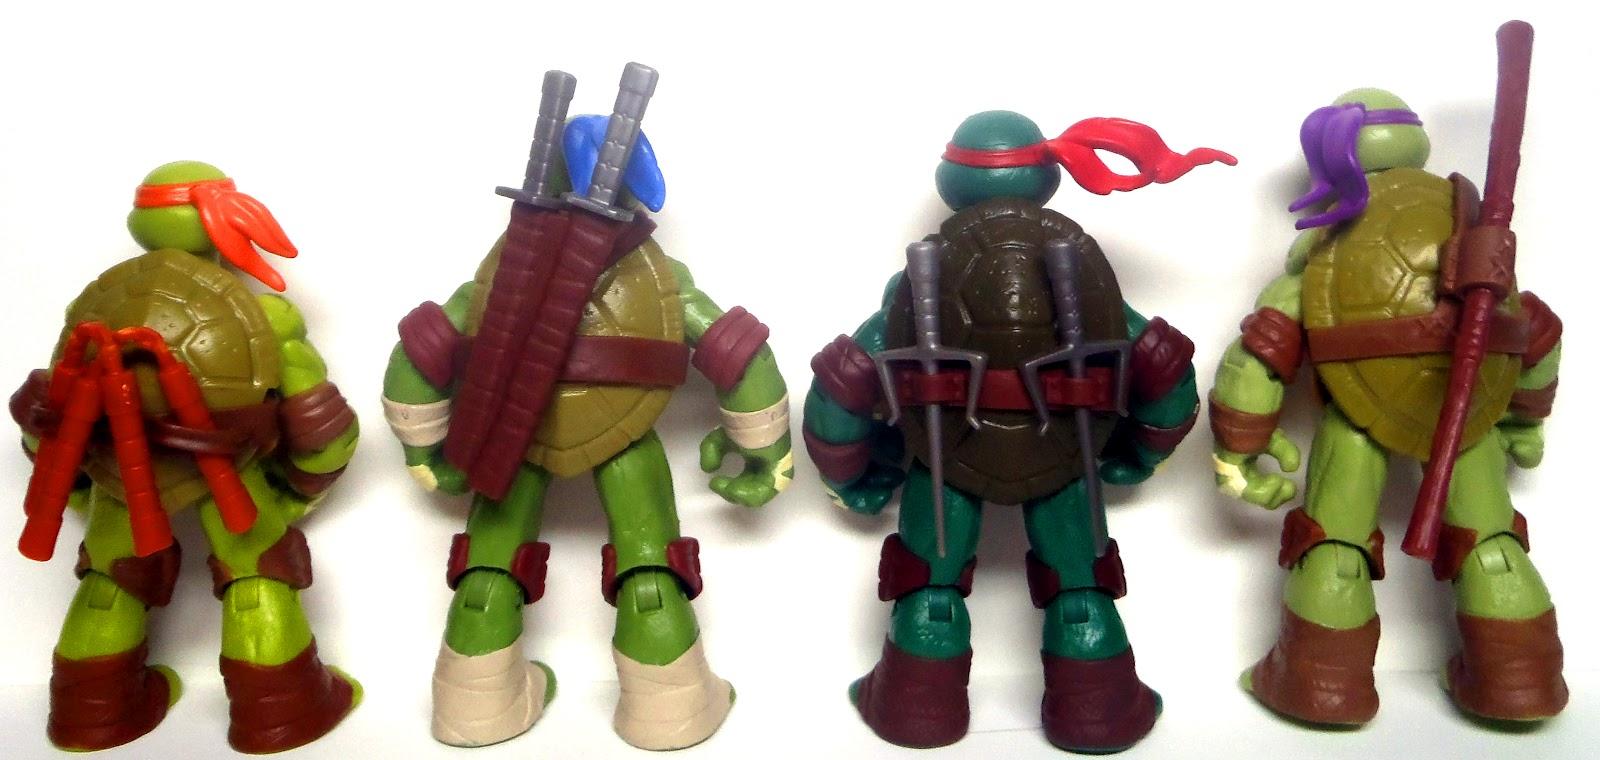 Teenage Mutant Ninja Turtles 2012 Toys : Taylor s sweet little art and nerd site teenage mutant